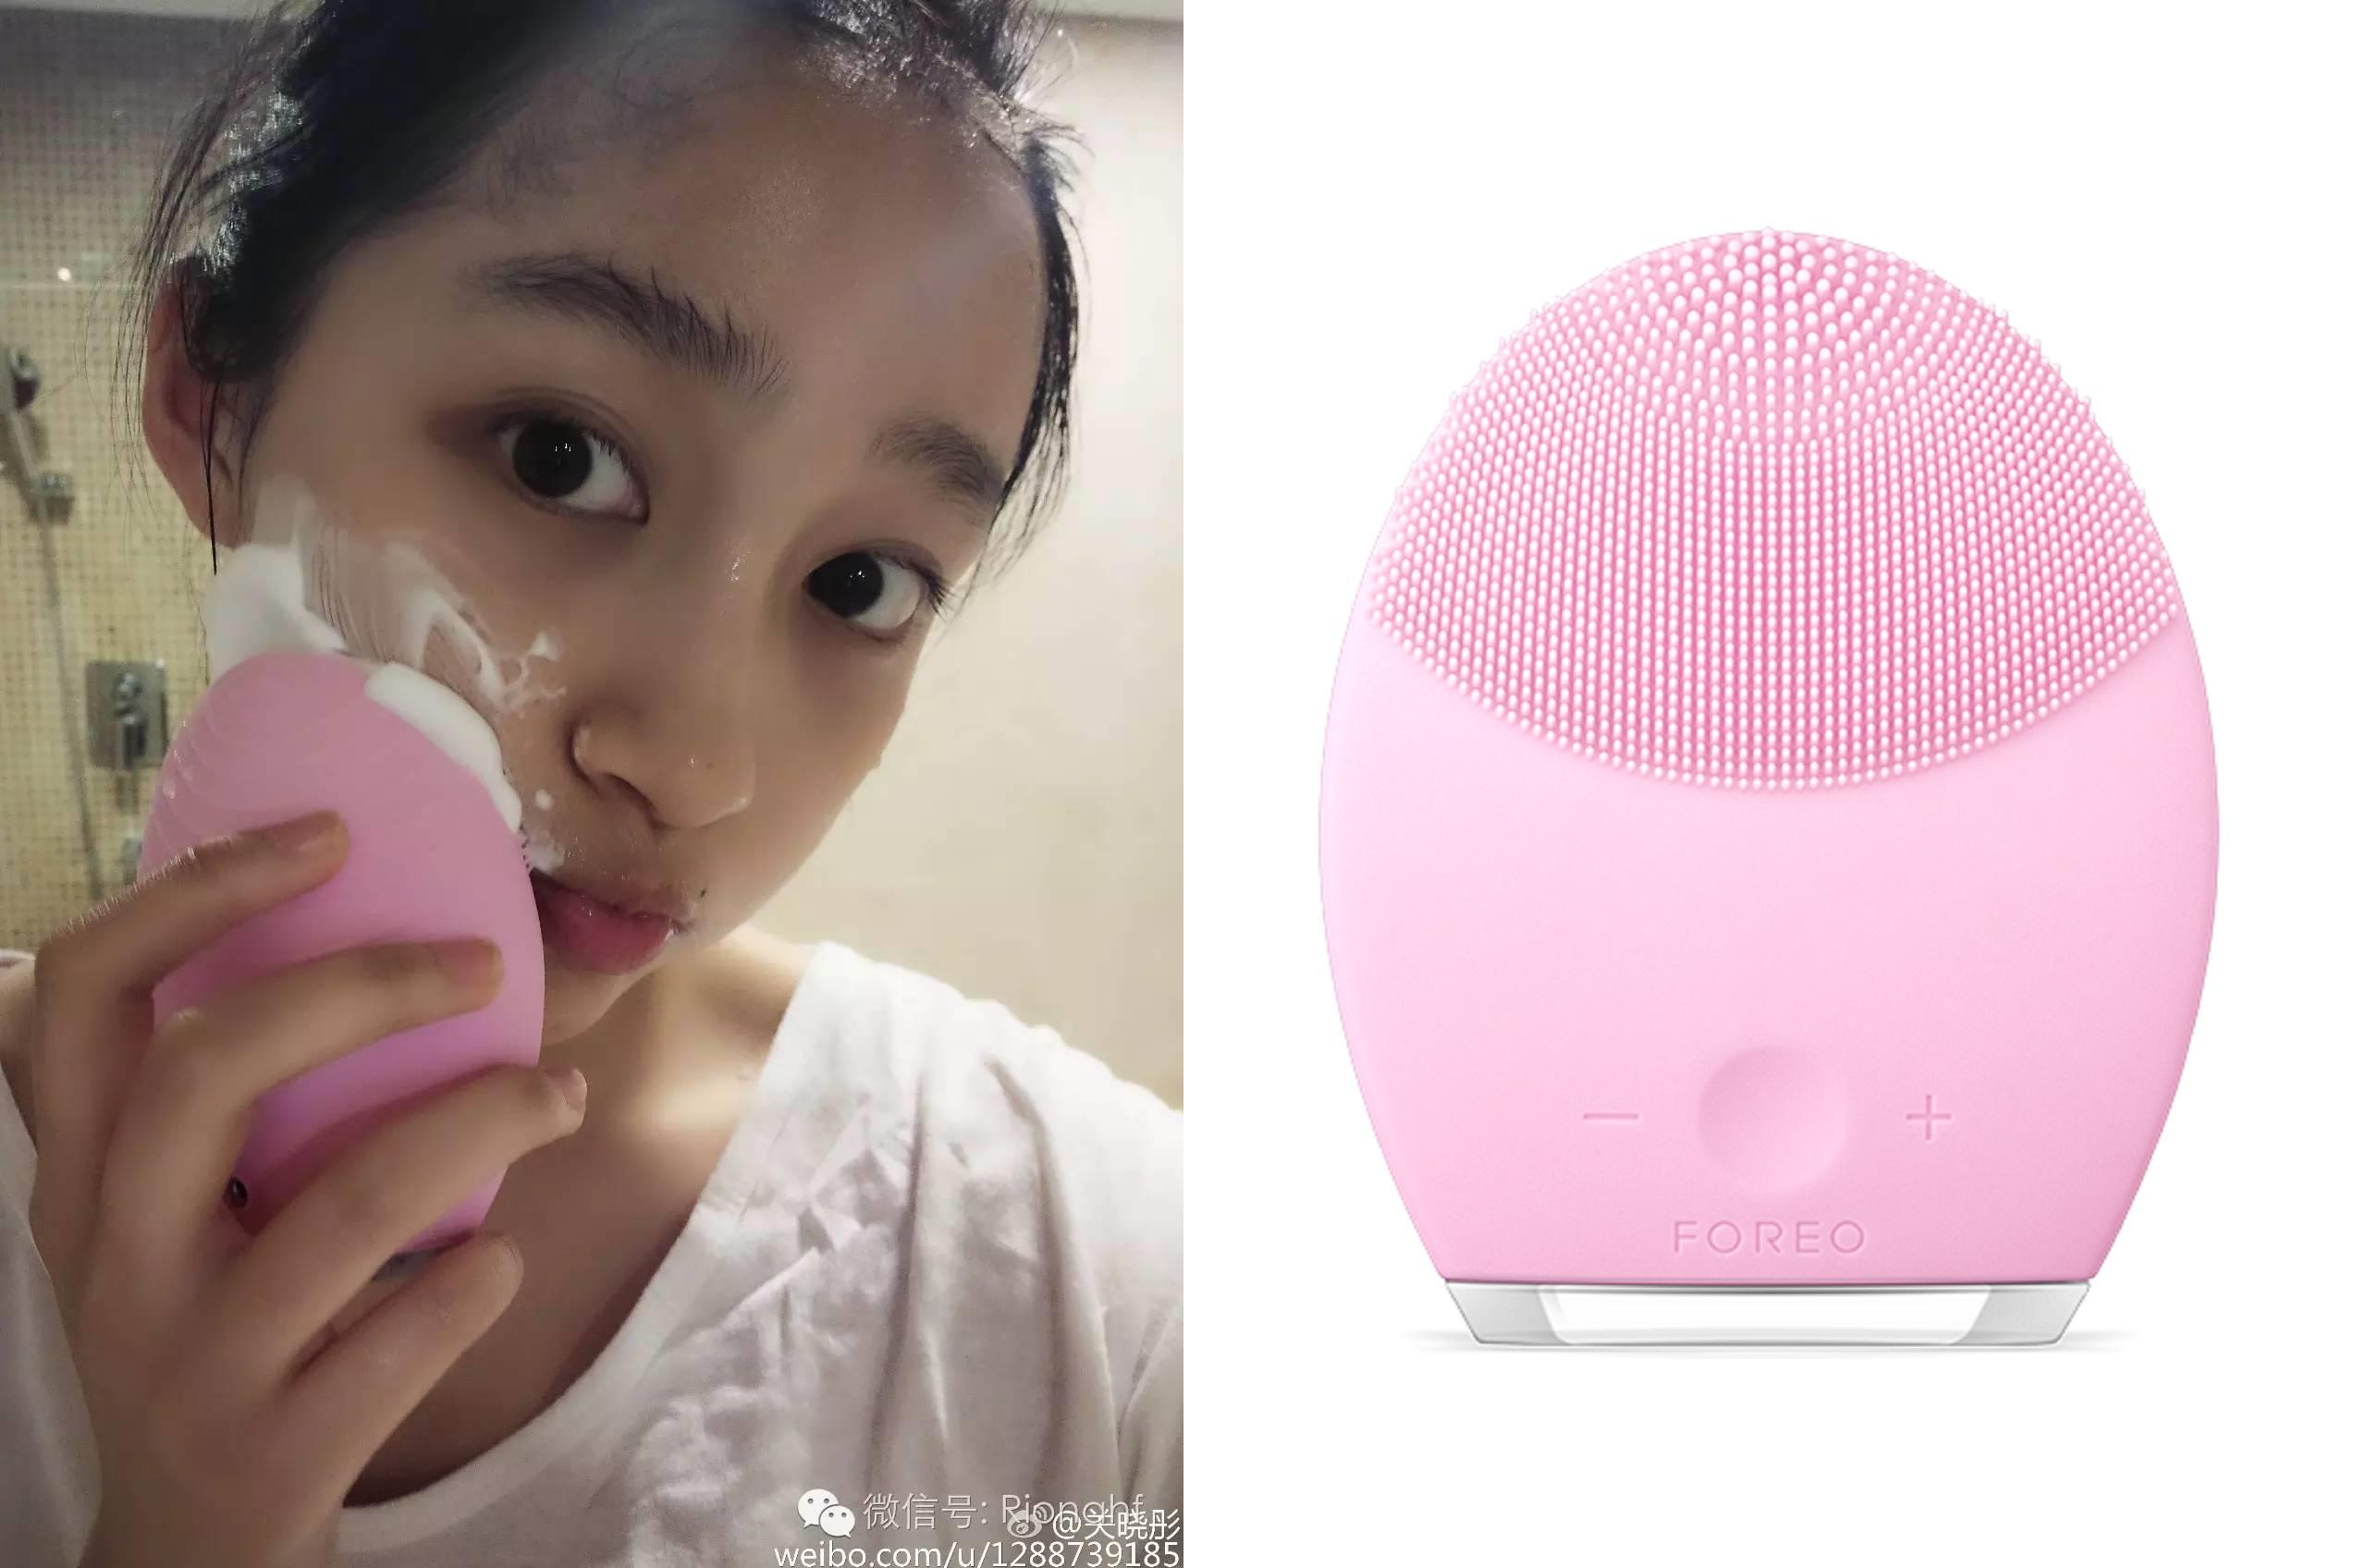 Săm soi bạn gái Luhan Quan Hiểu Đồng, hóa ra cô nàng toàn dùng đồ vài trăm nghìn mà da đẹp không tì vết - Ảnh 11.